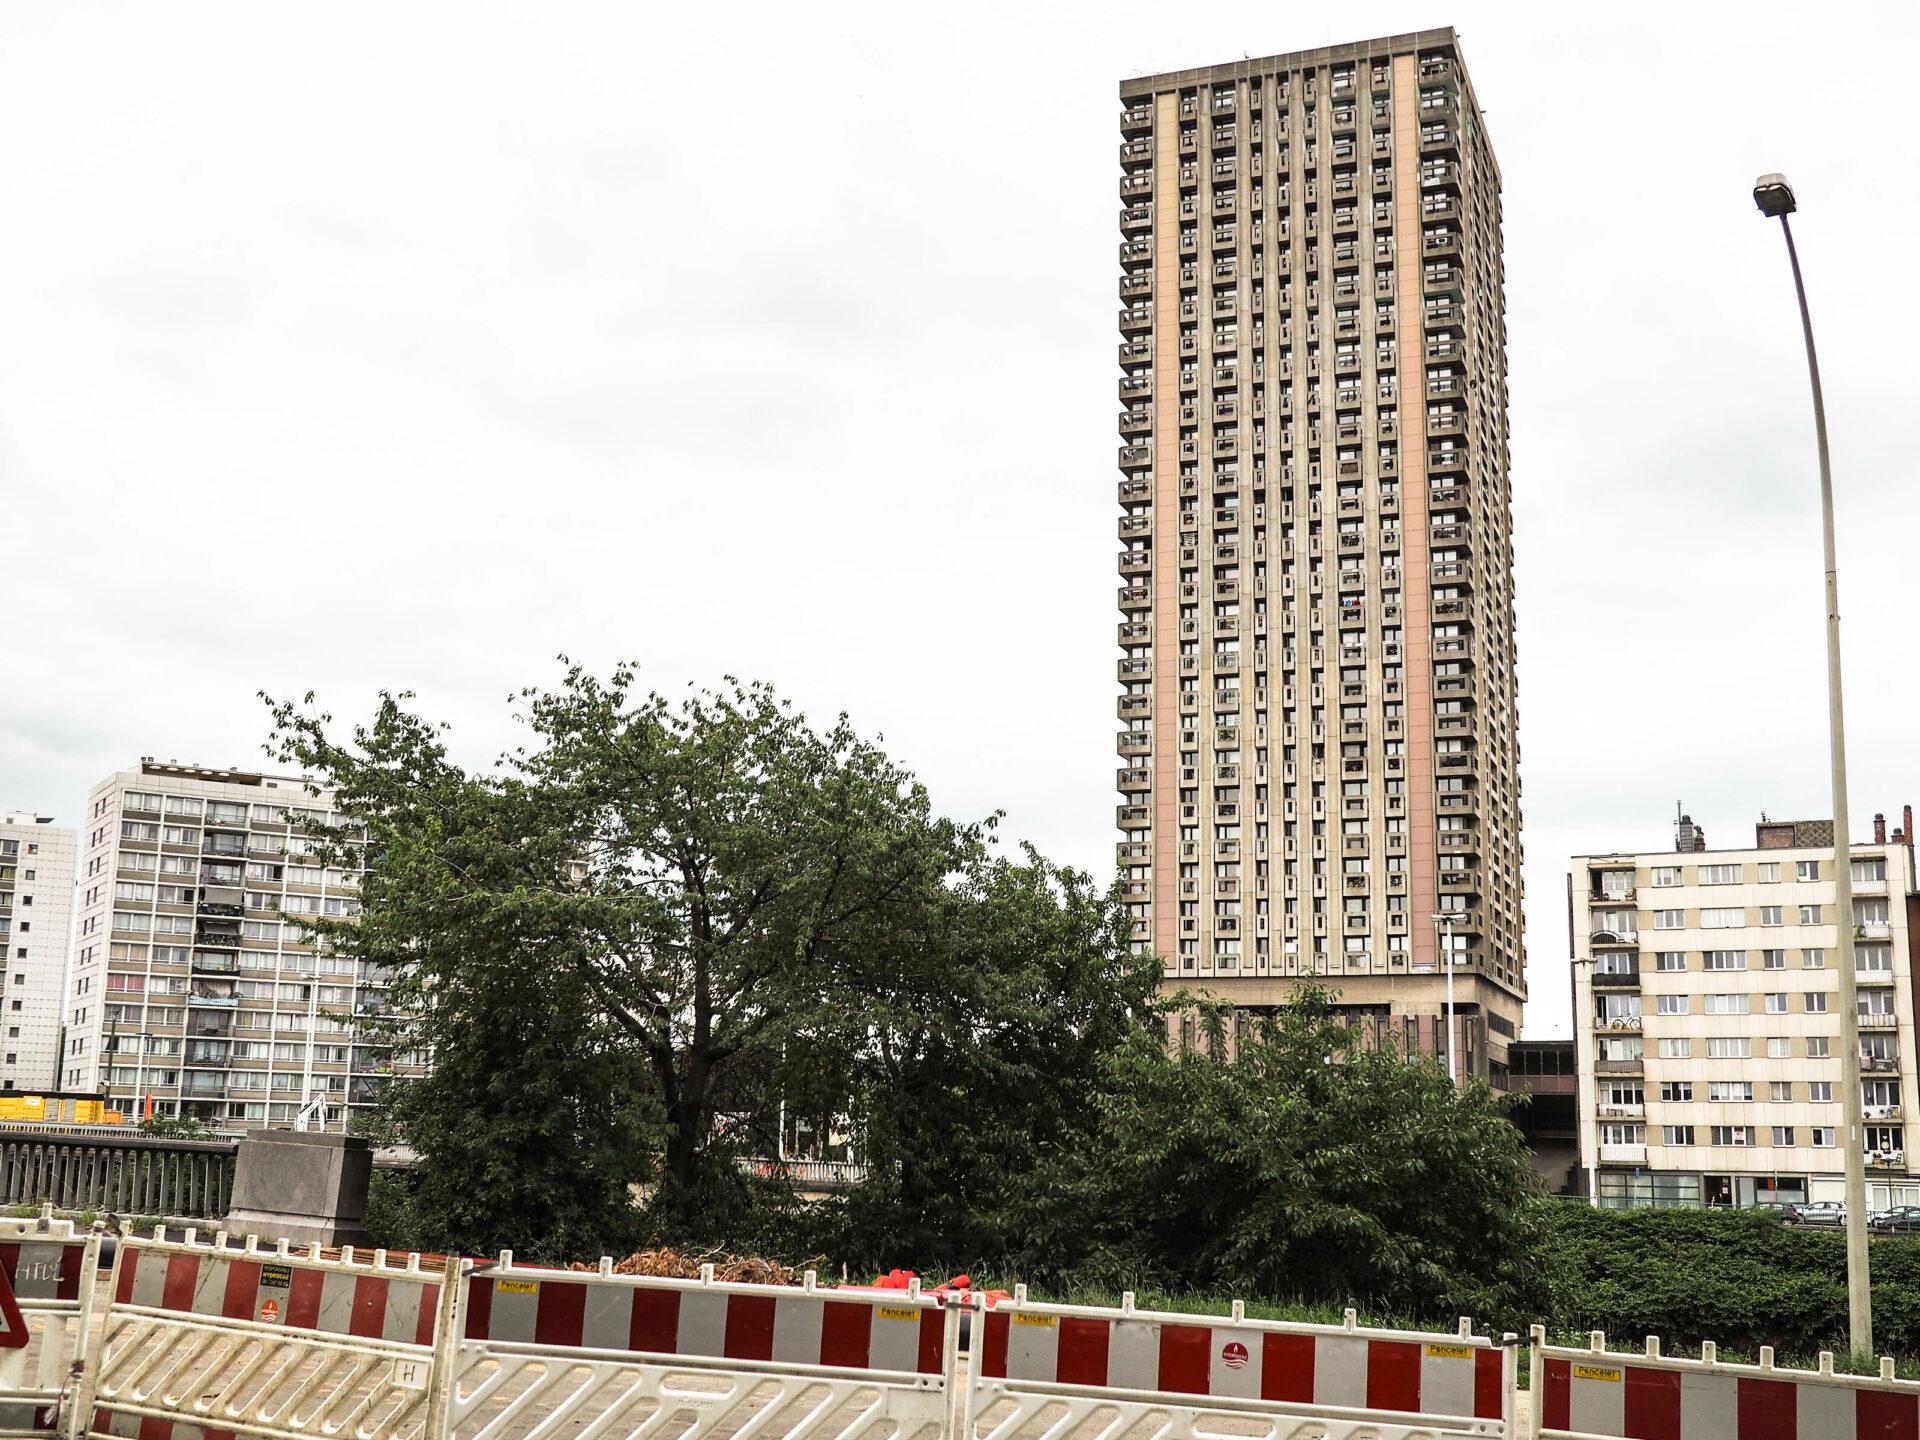 Après le Logis Social, La Maison Liégeoise annonce la rénovation de 1600 logements